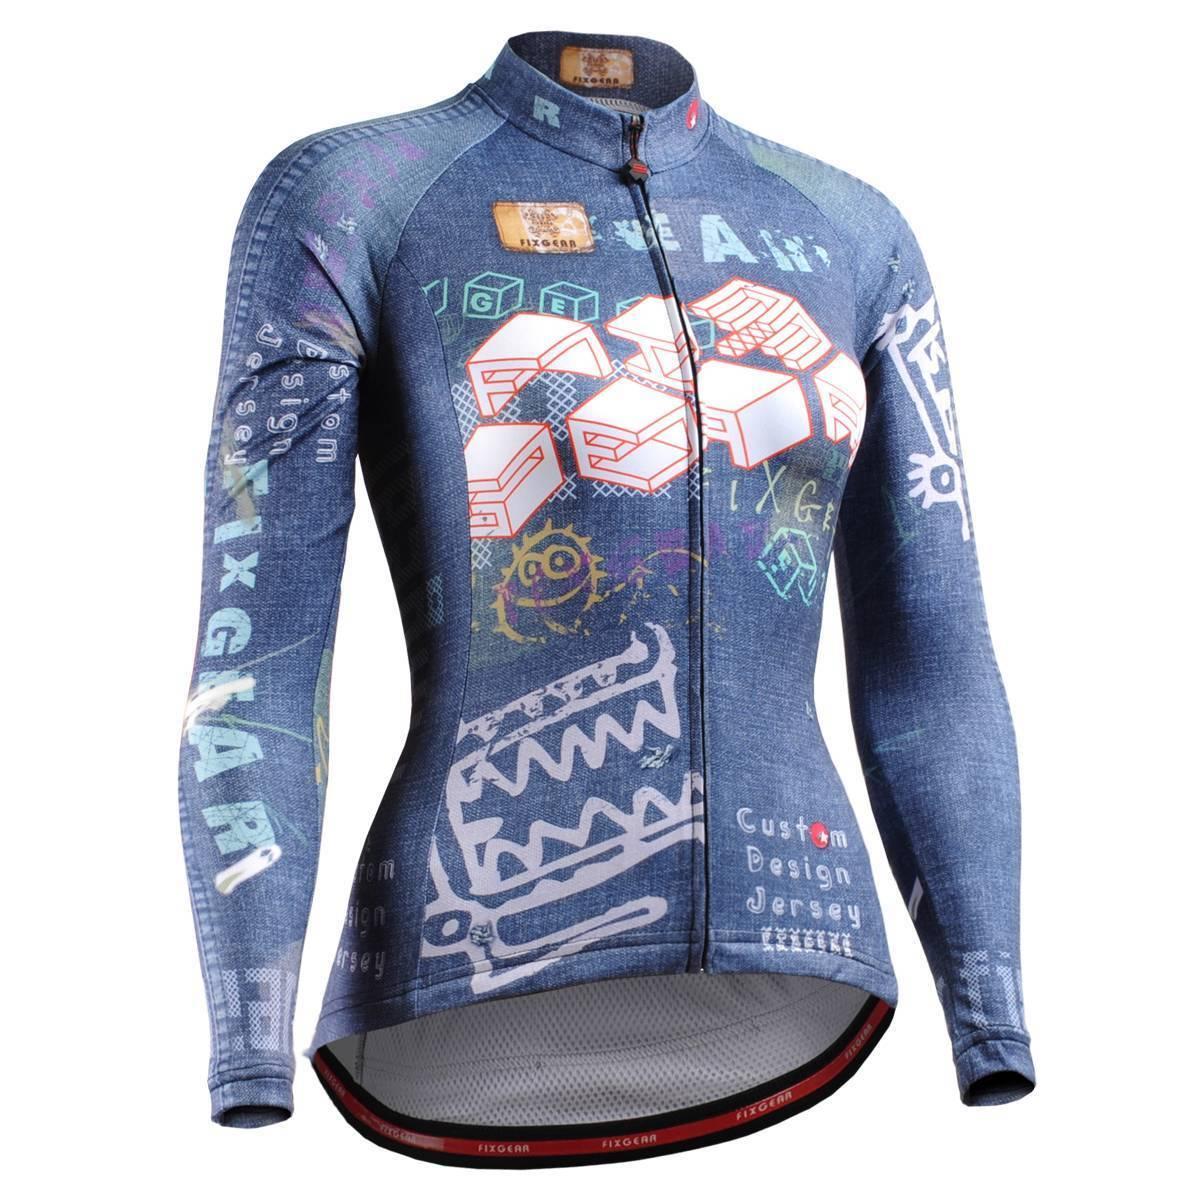 Fixgear CS - w1501 bicicletas, suéteres, bicicletas, ropa de Cocheretera, bicicletas, MTB